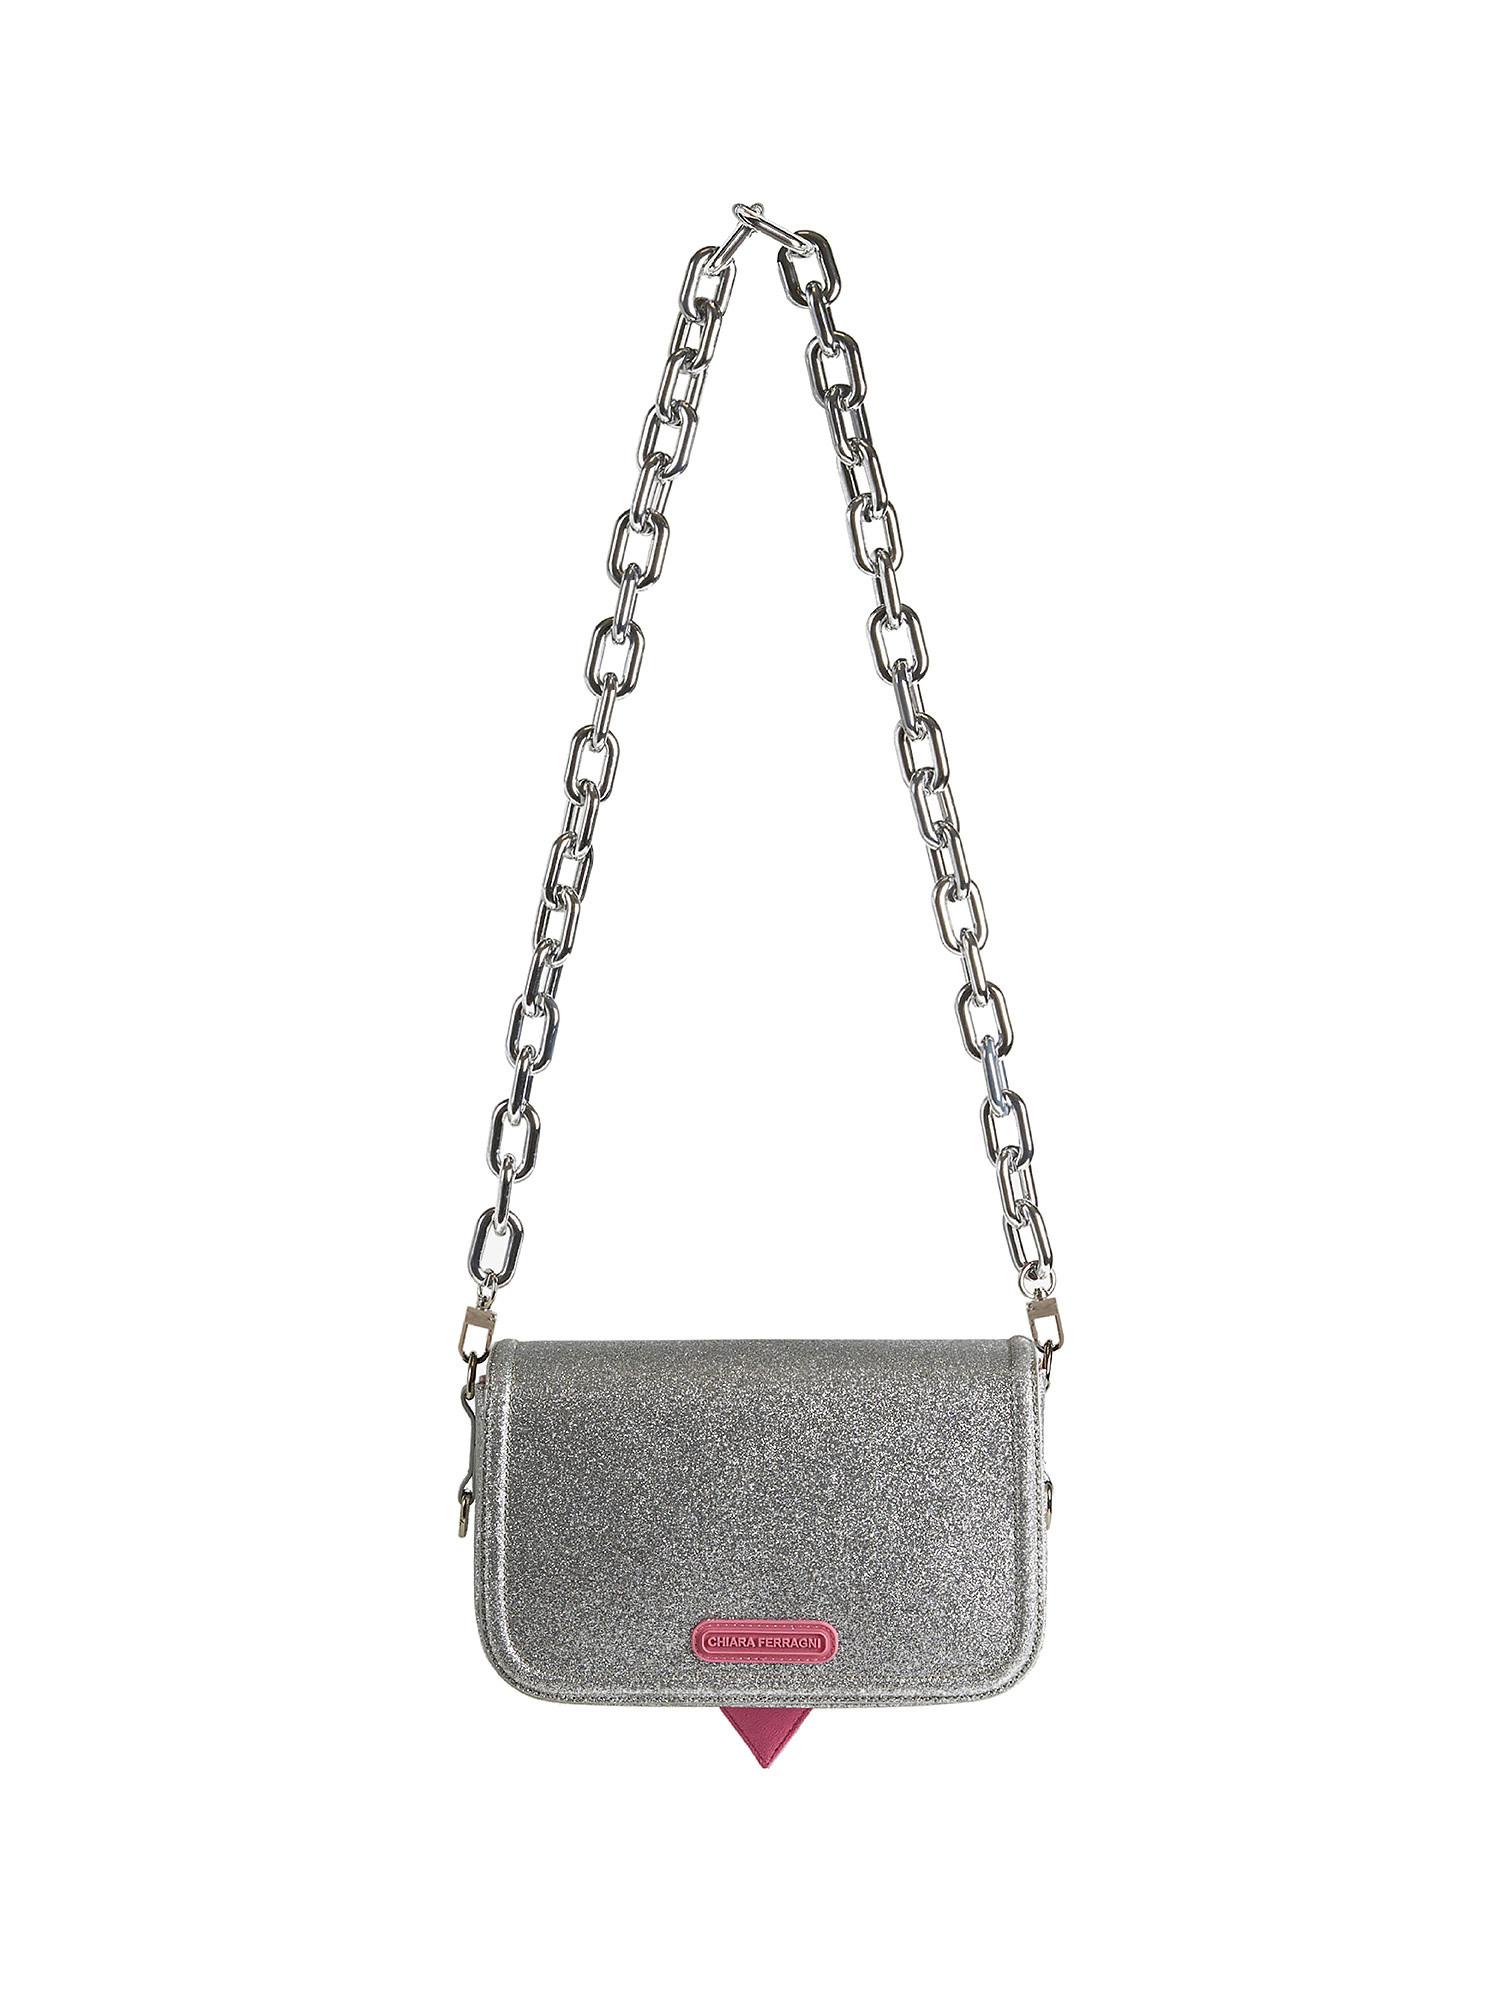 Small Eyelike Glitter Bag, Grigio argento, large image number 1